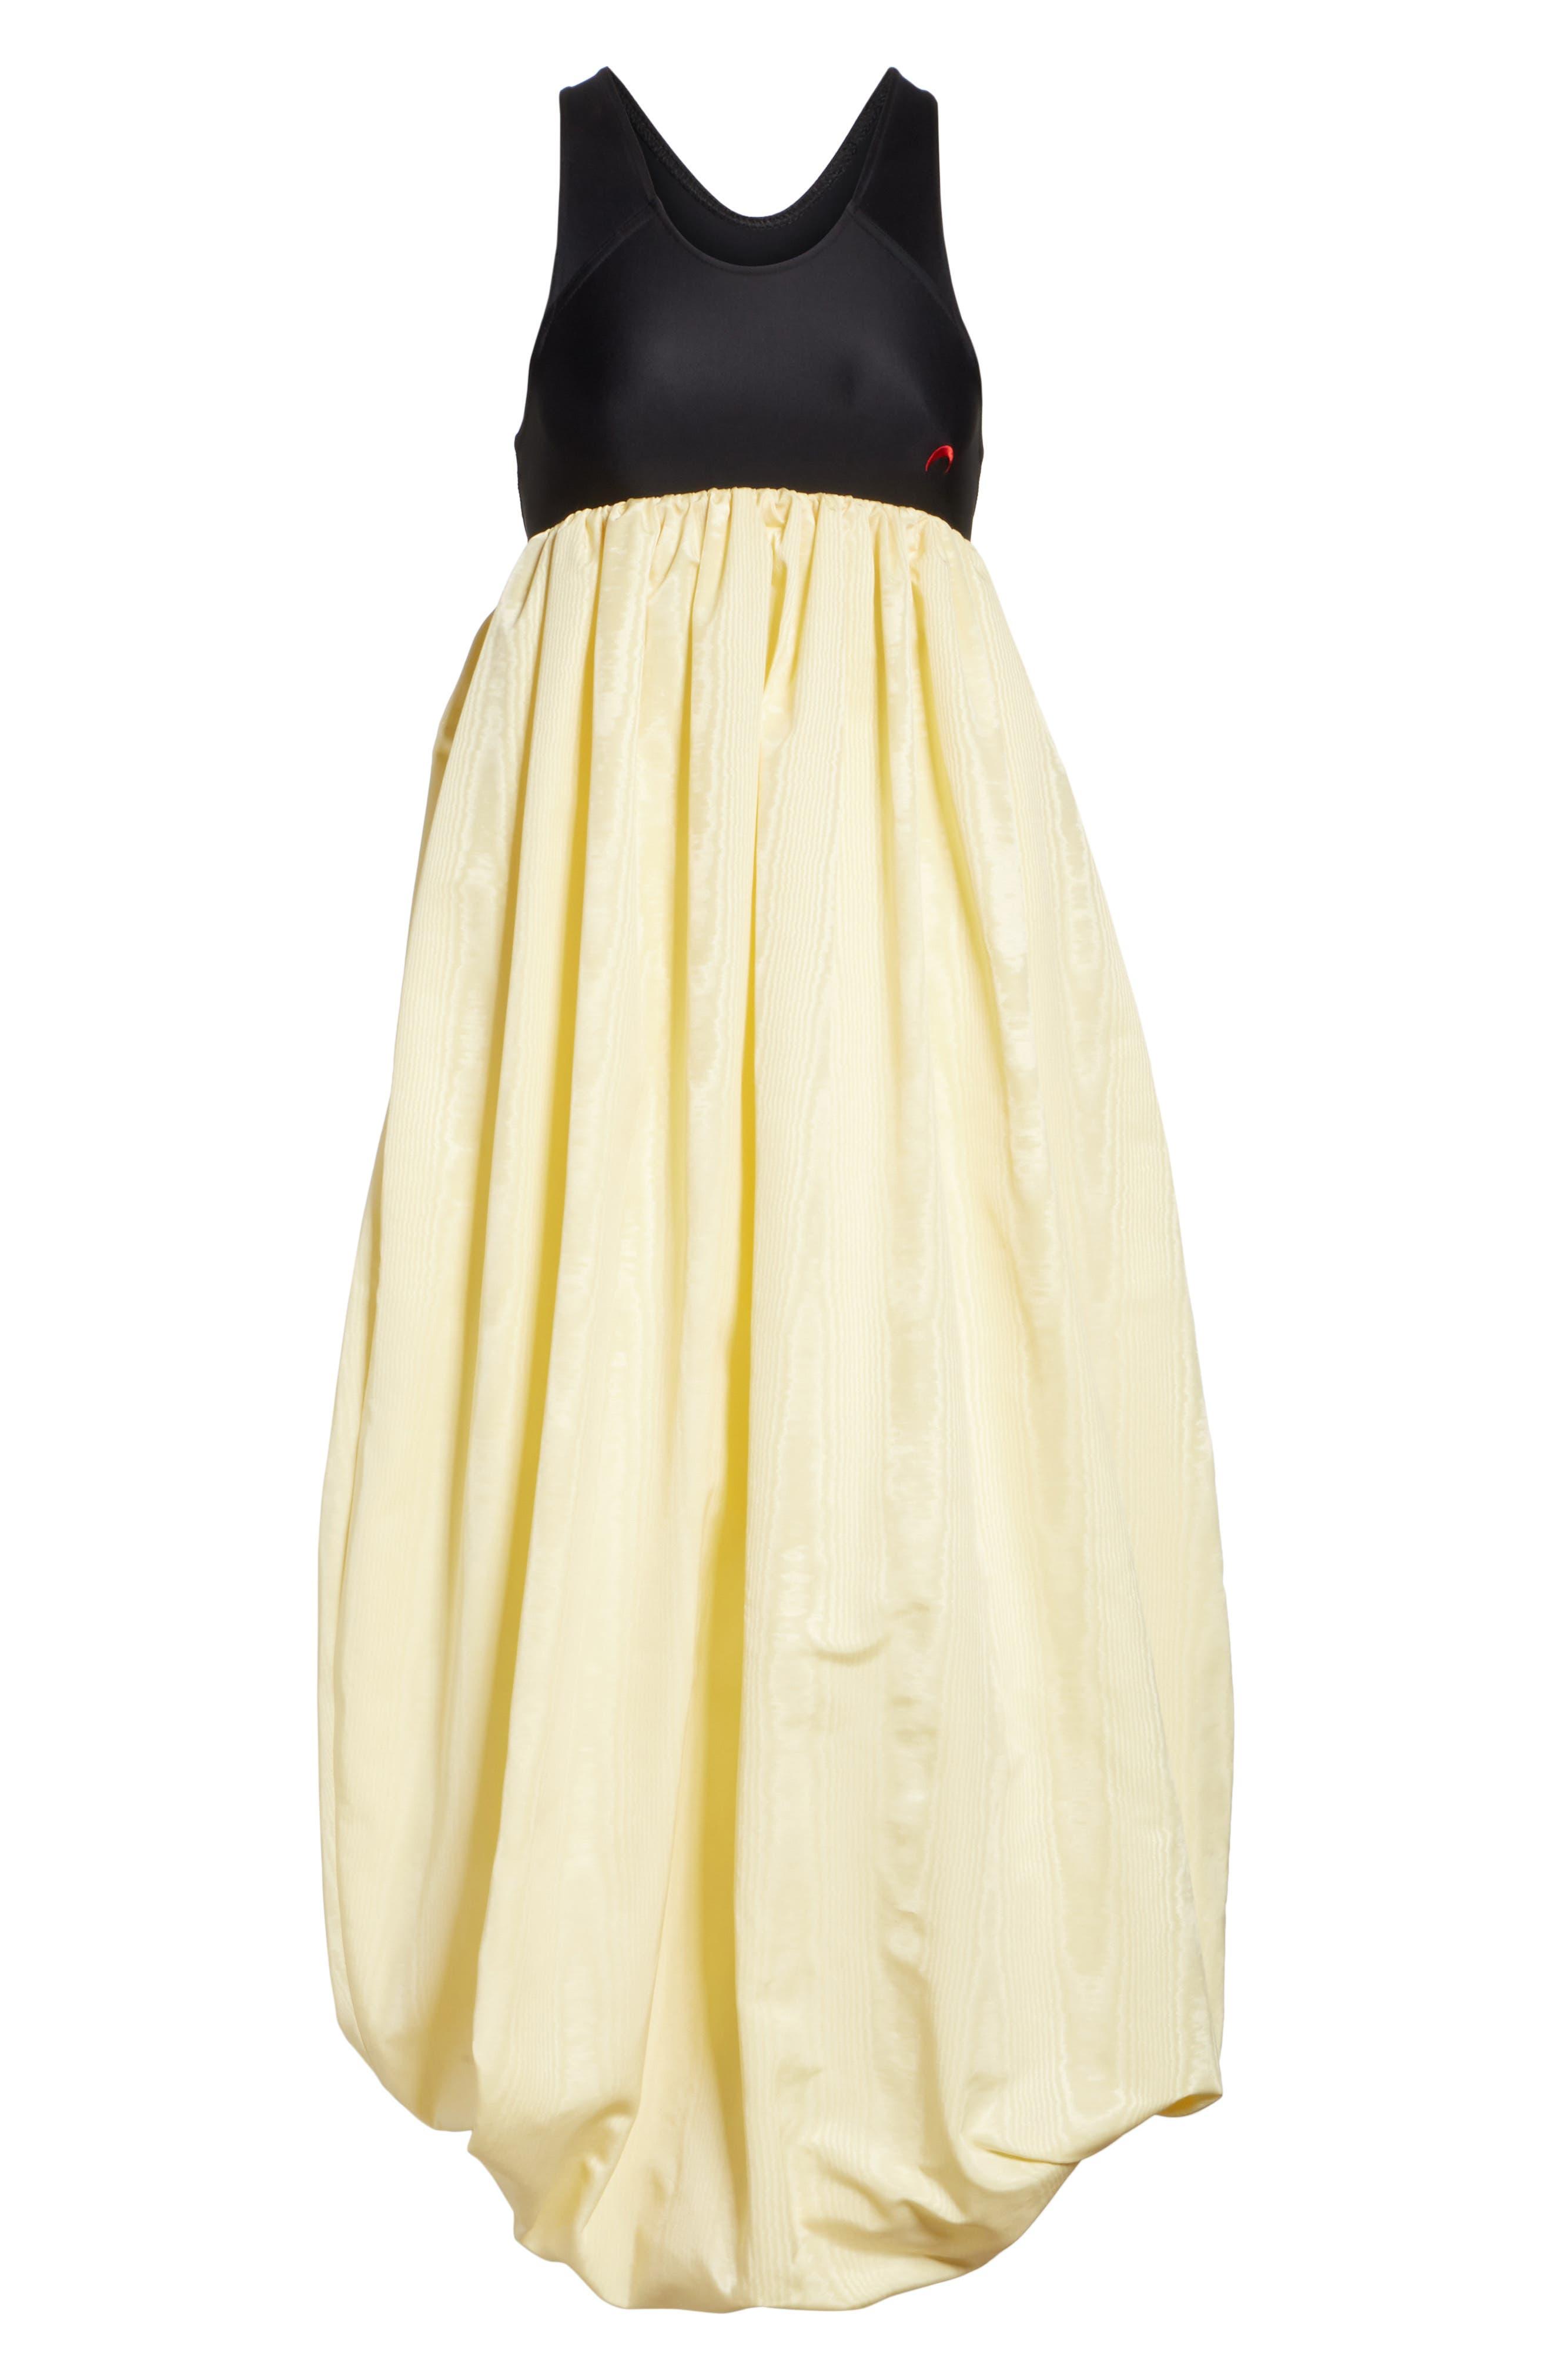 Hybrid Ball Dress,                             Alternate thumbnail 6, color,                             700